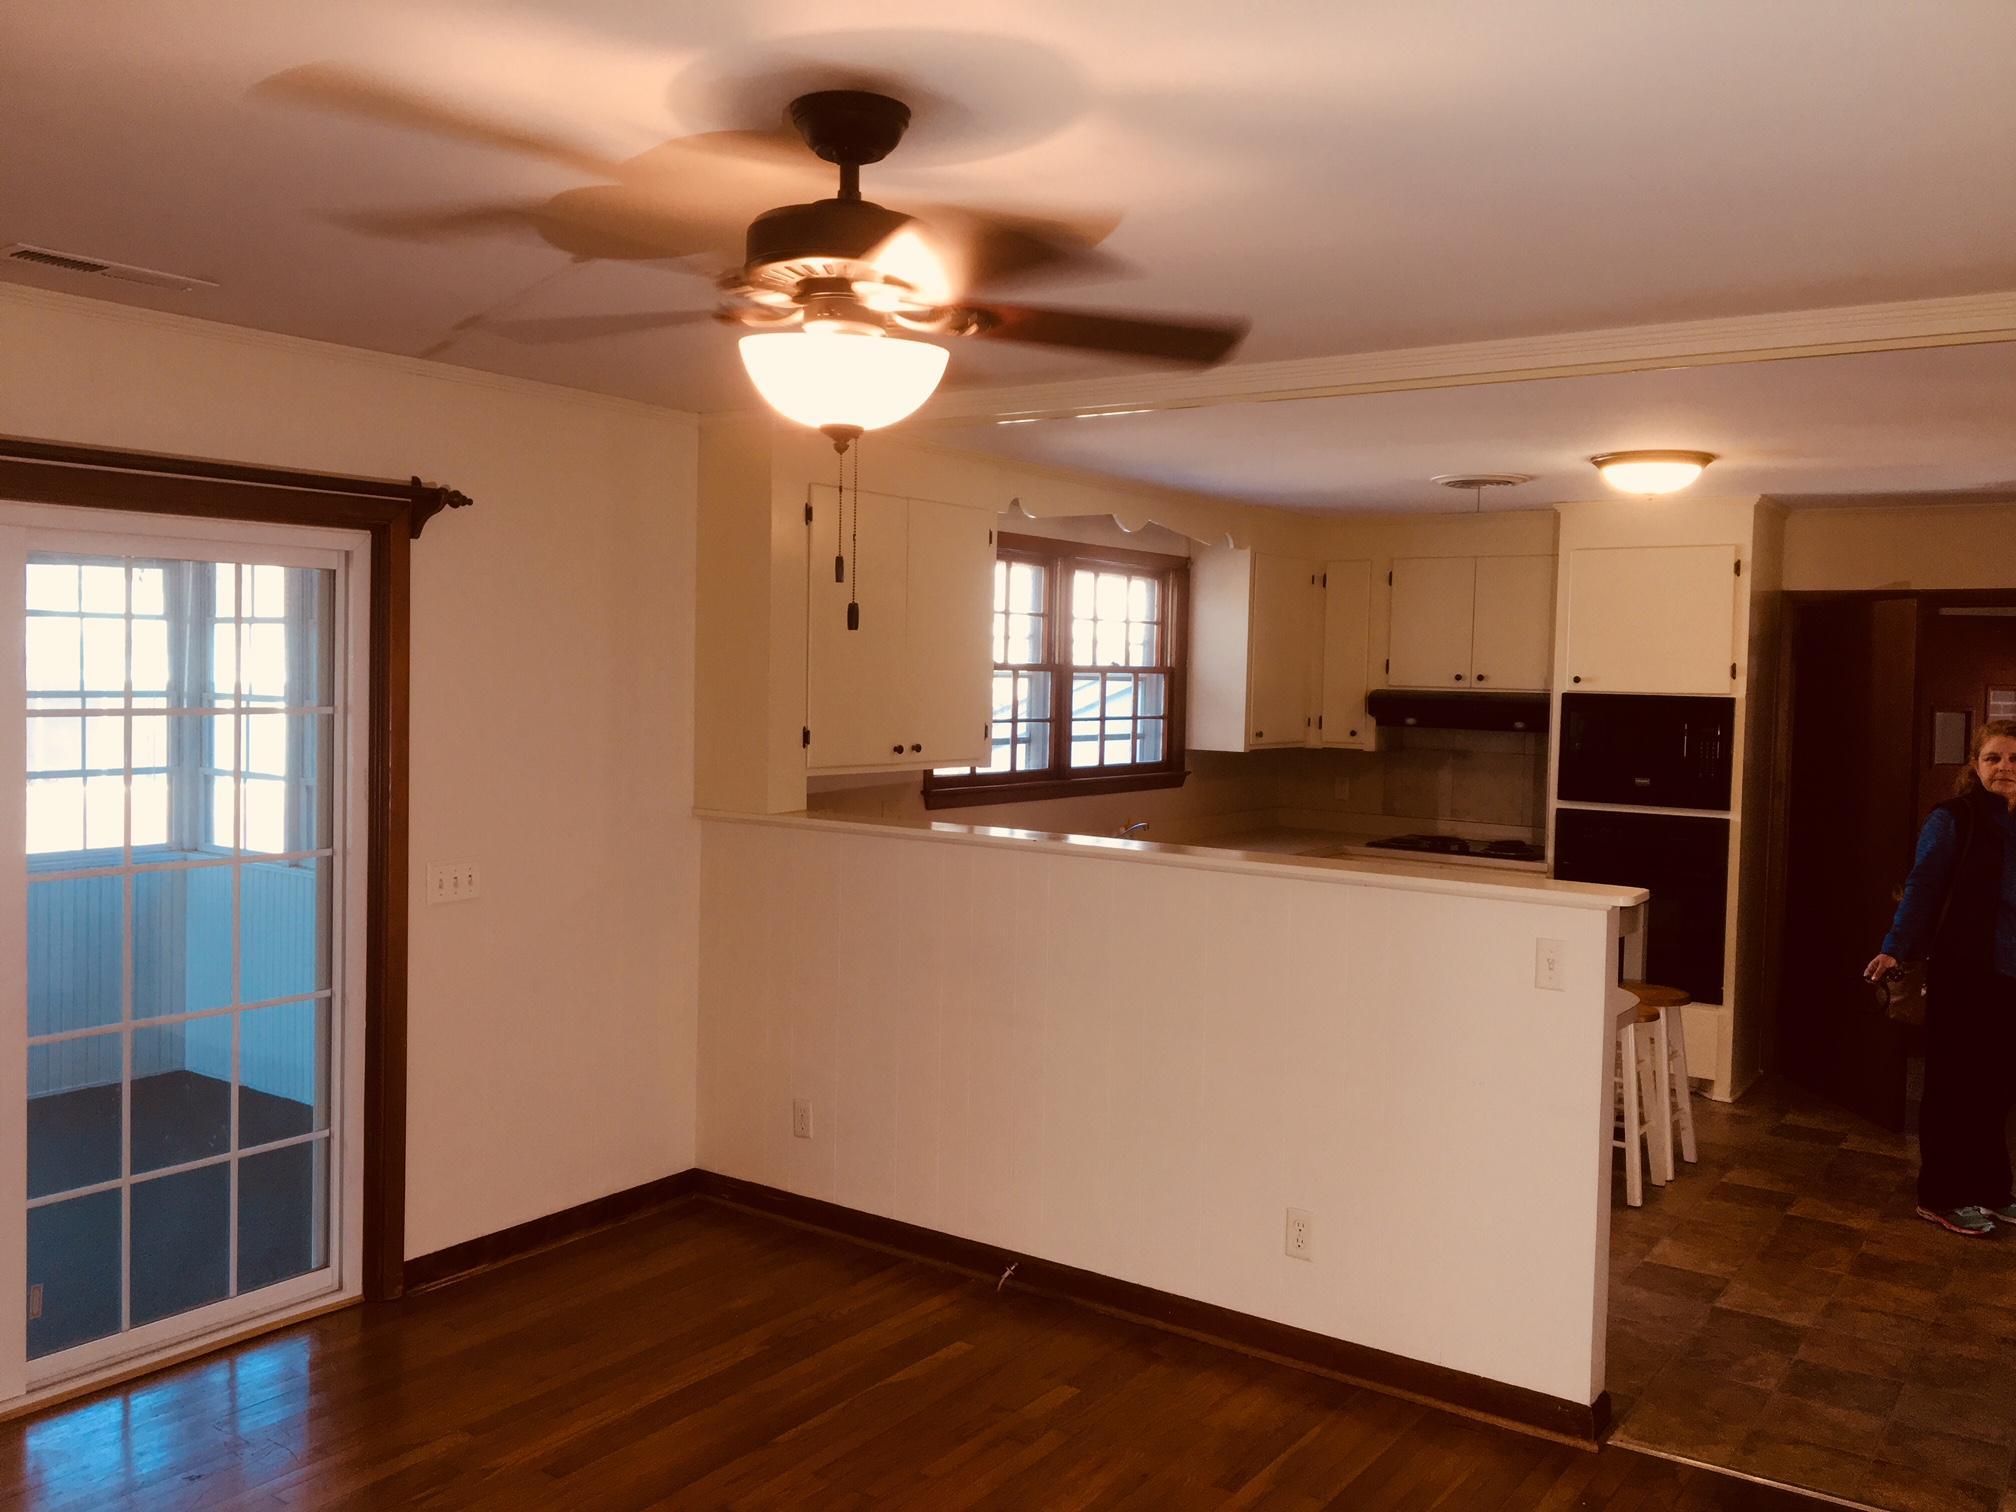 Shemwood Homes For Sale - 1146 Saint Elizabeth, Mount Pleasant, SC - 9